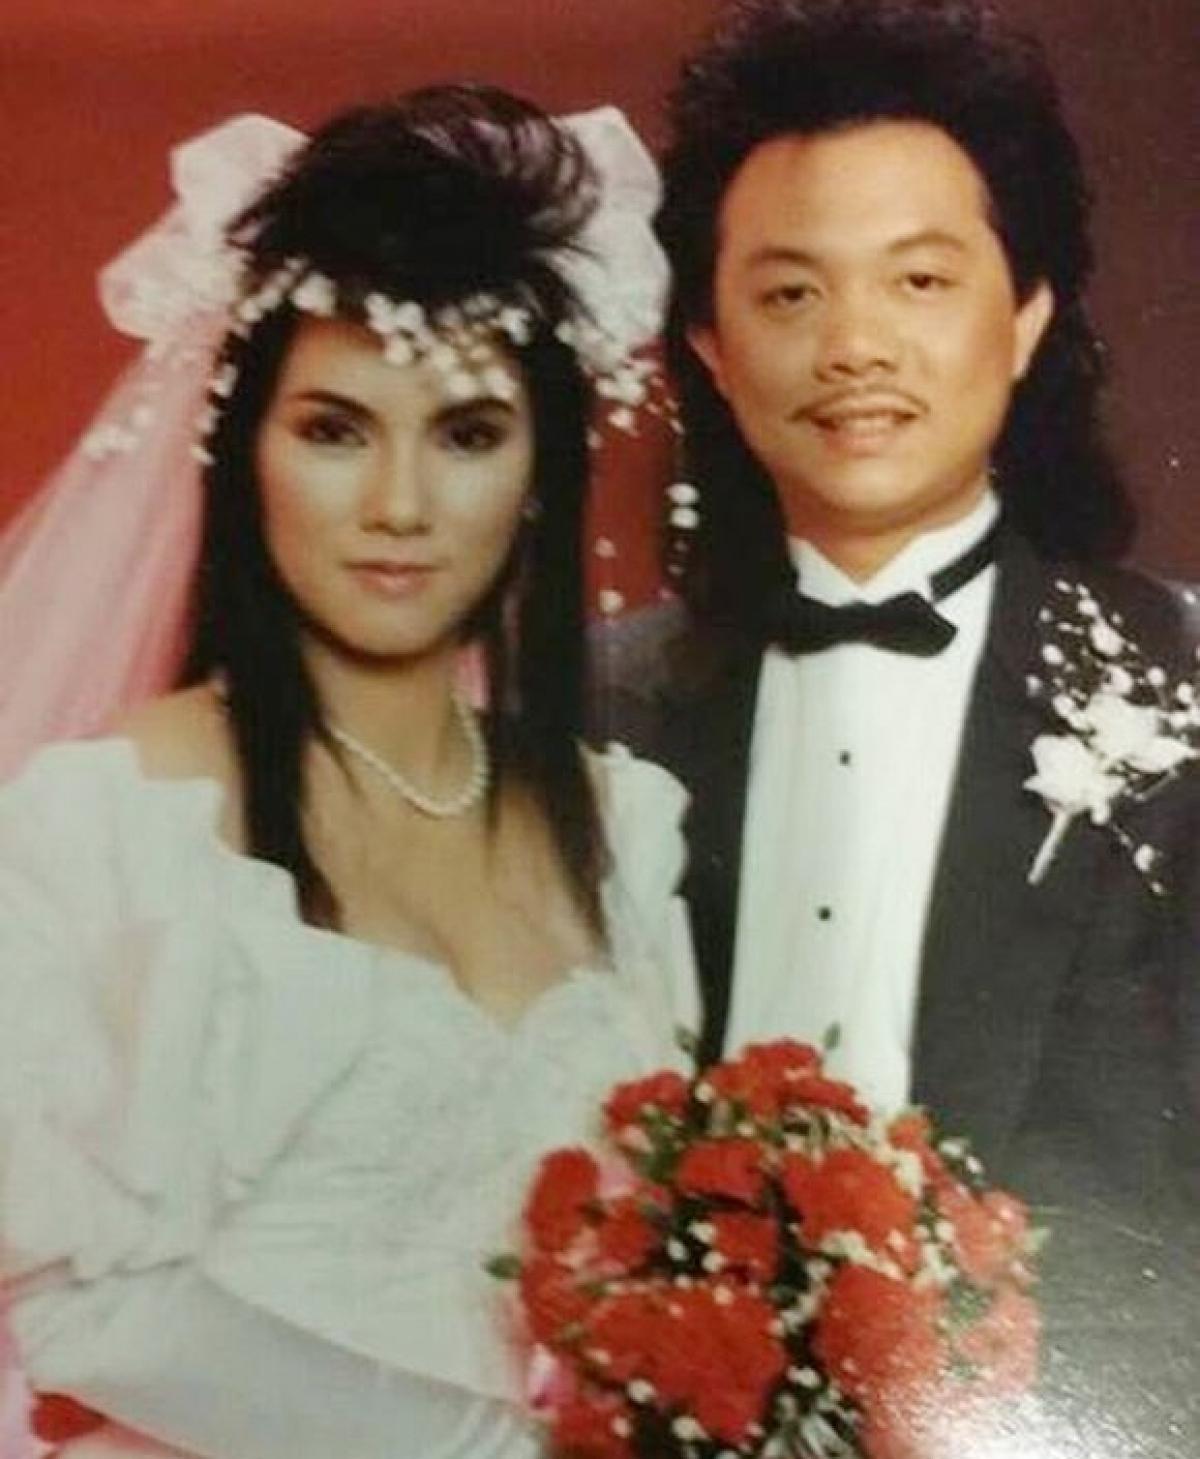 Chí Tài sinh năm 1958. Trước khi trở thành diễn viên hài, ChíTàilà nhạc sĩ kiêm ca sĩ.Vợ danh hài Chí Tài là Phương Loan, từng là ca sĩ trong ban nhạc Chi Tai Brothers được thành lập vào những năm 70.